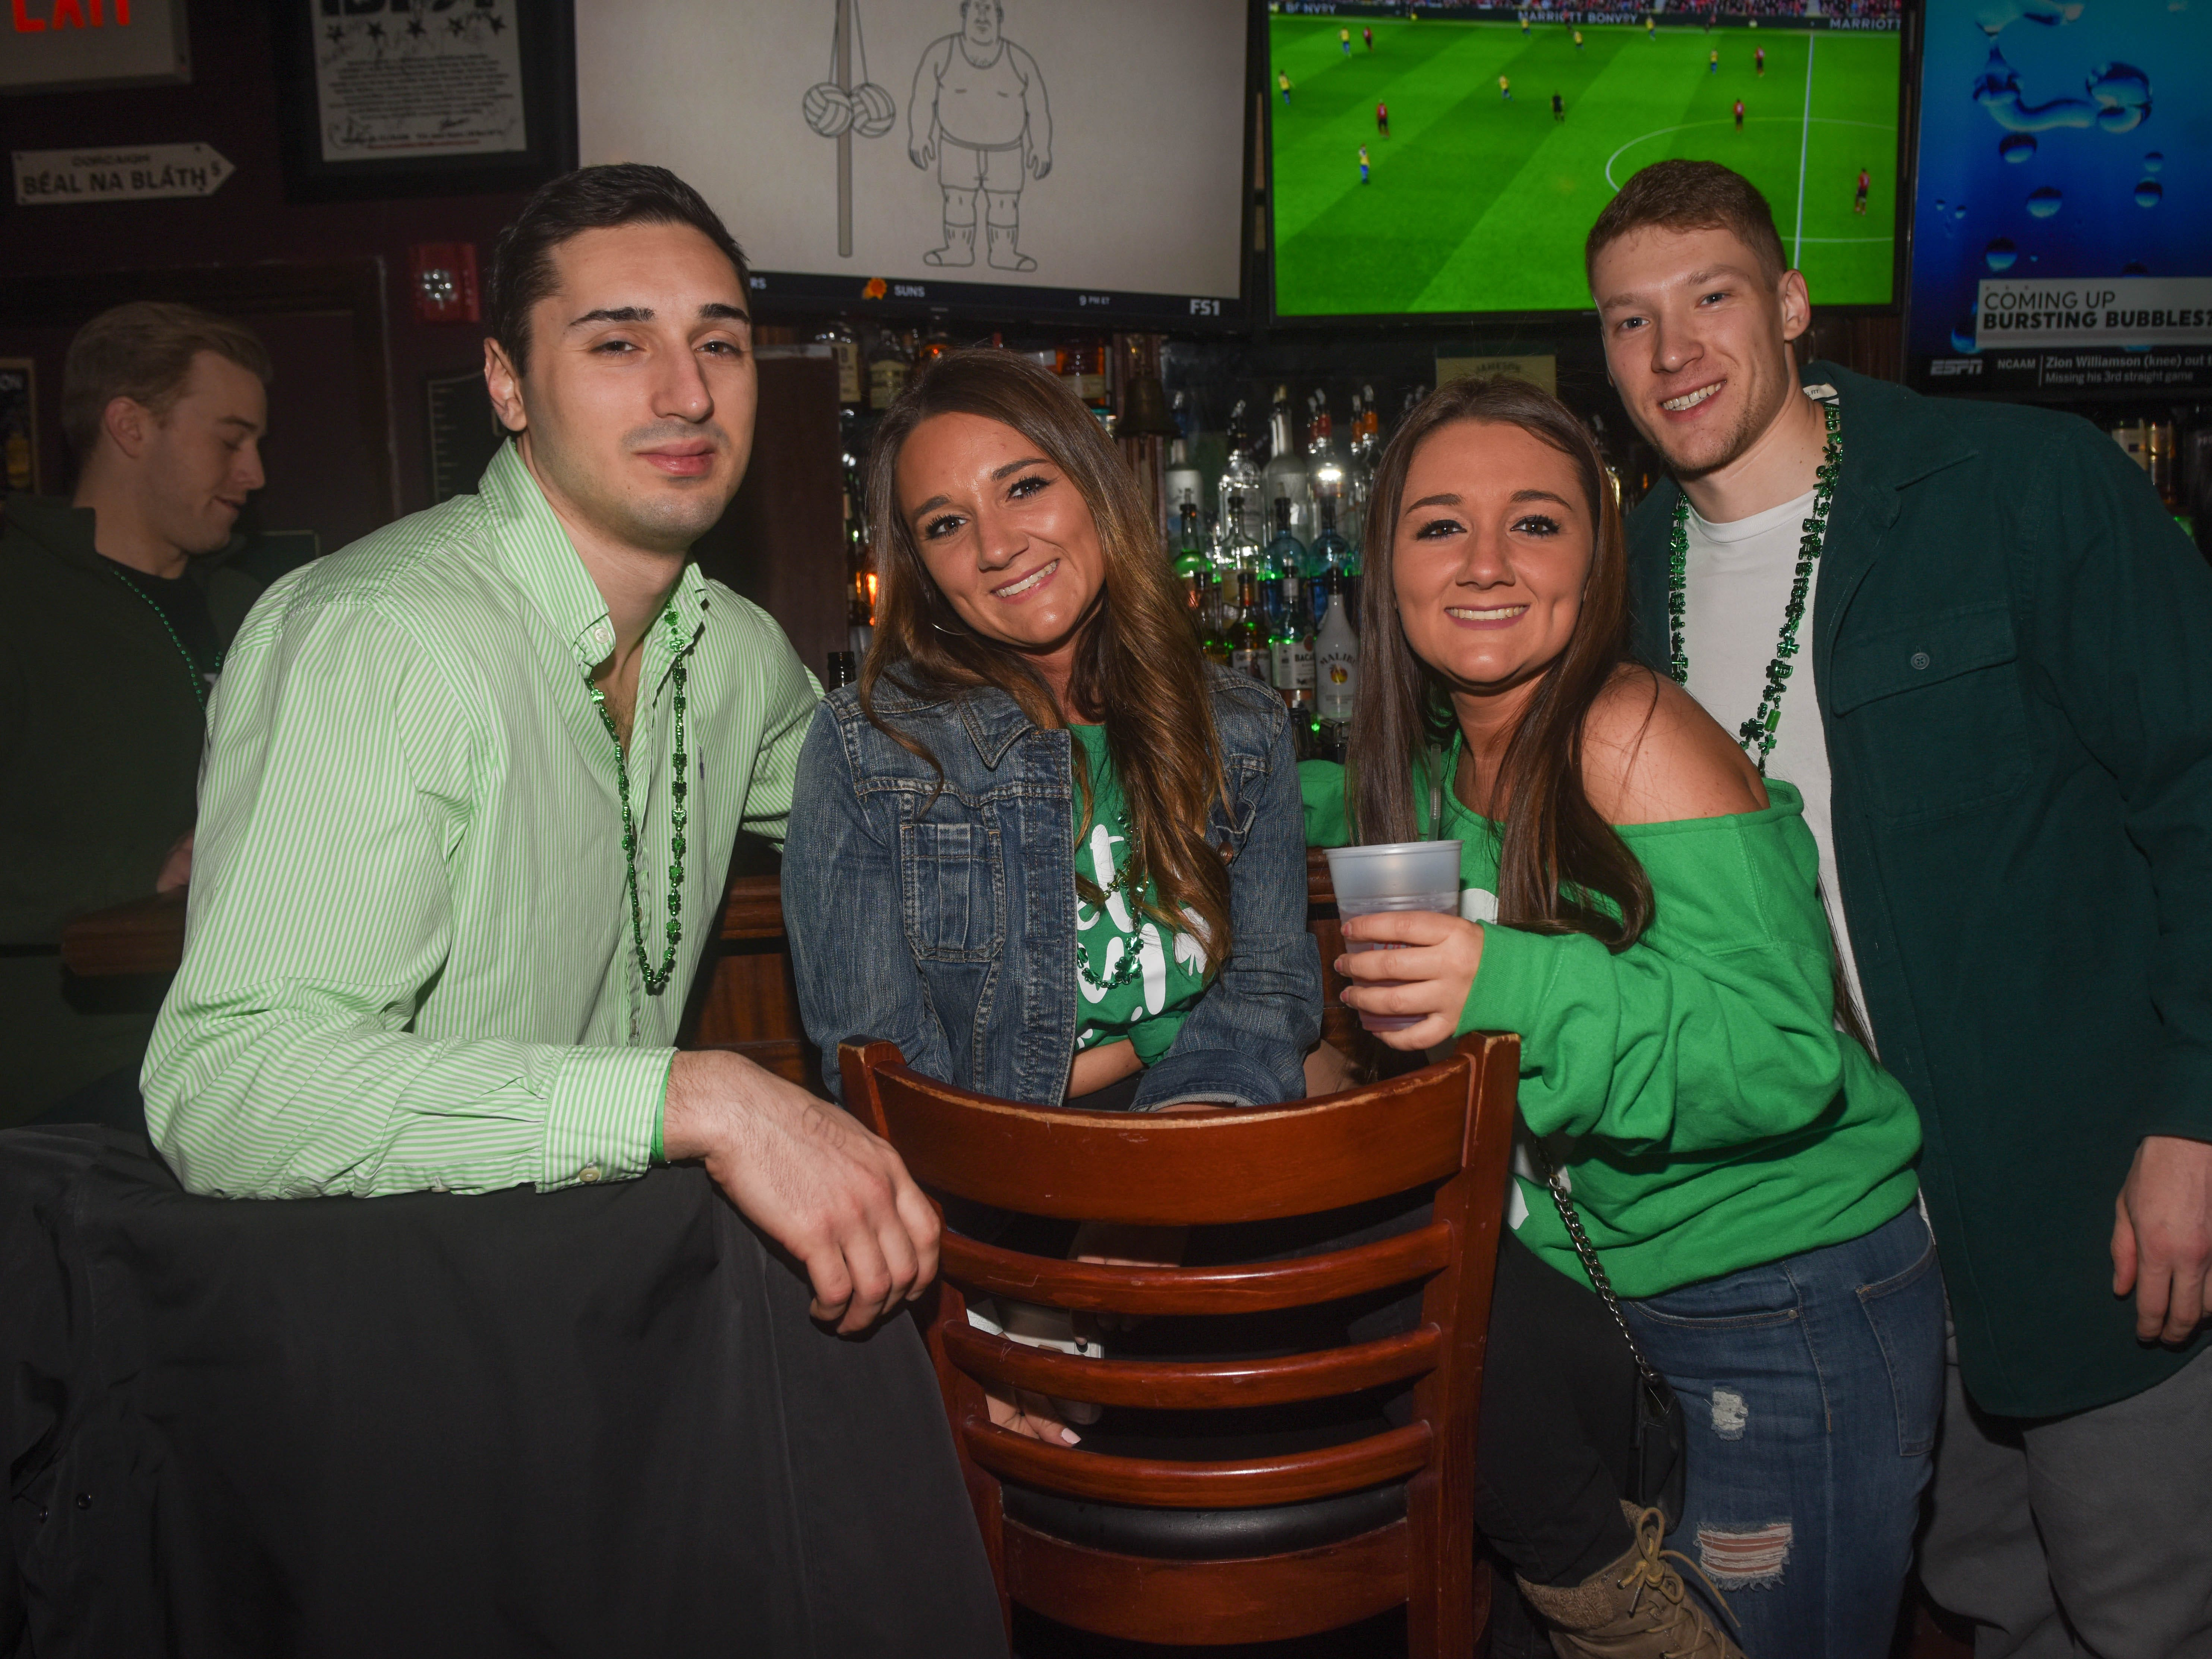 The annual LepreCon St Patrick's Day celebration in Hoboken. 03/02/2019